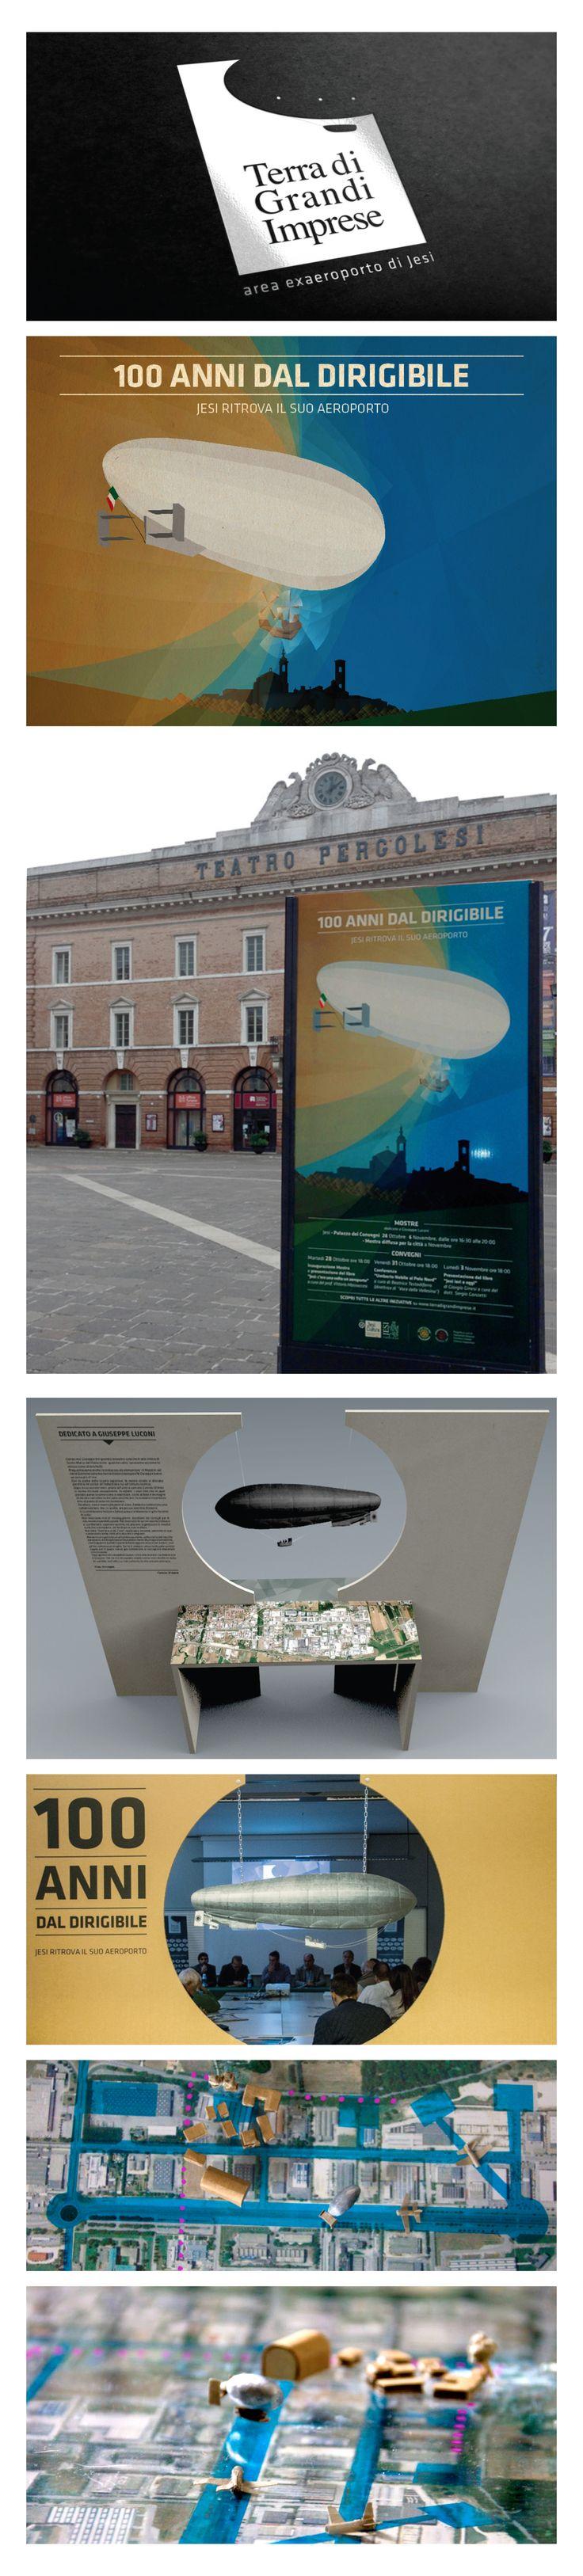 Terra di Grandi Imprese Visual identity mostra di apertura progetto